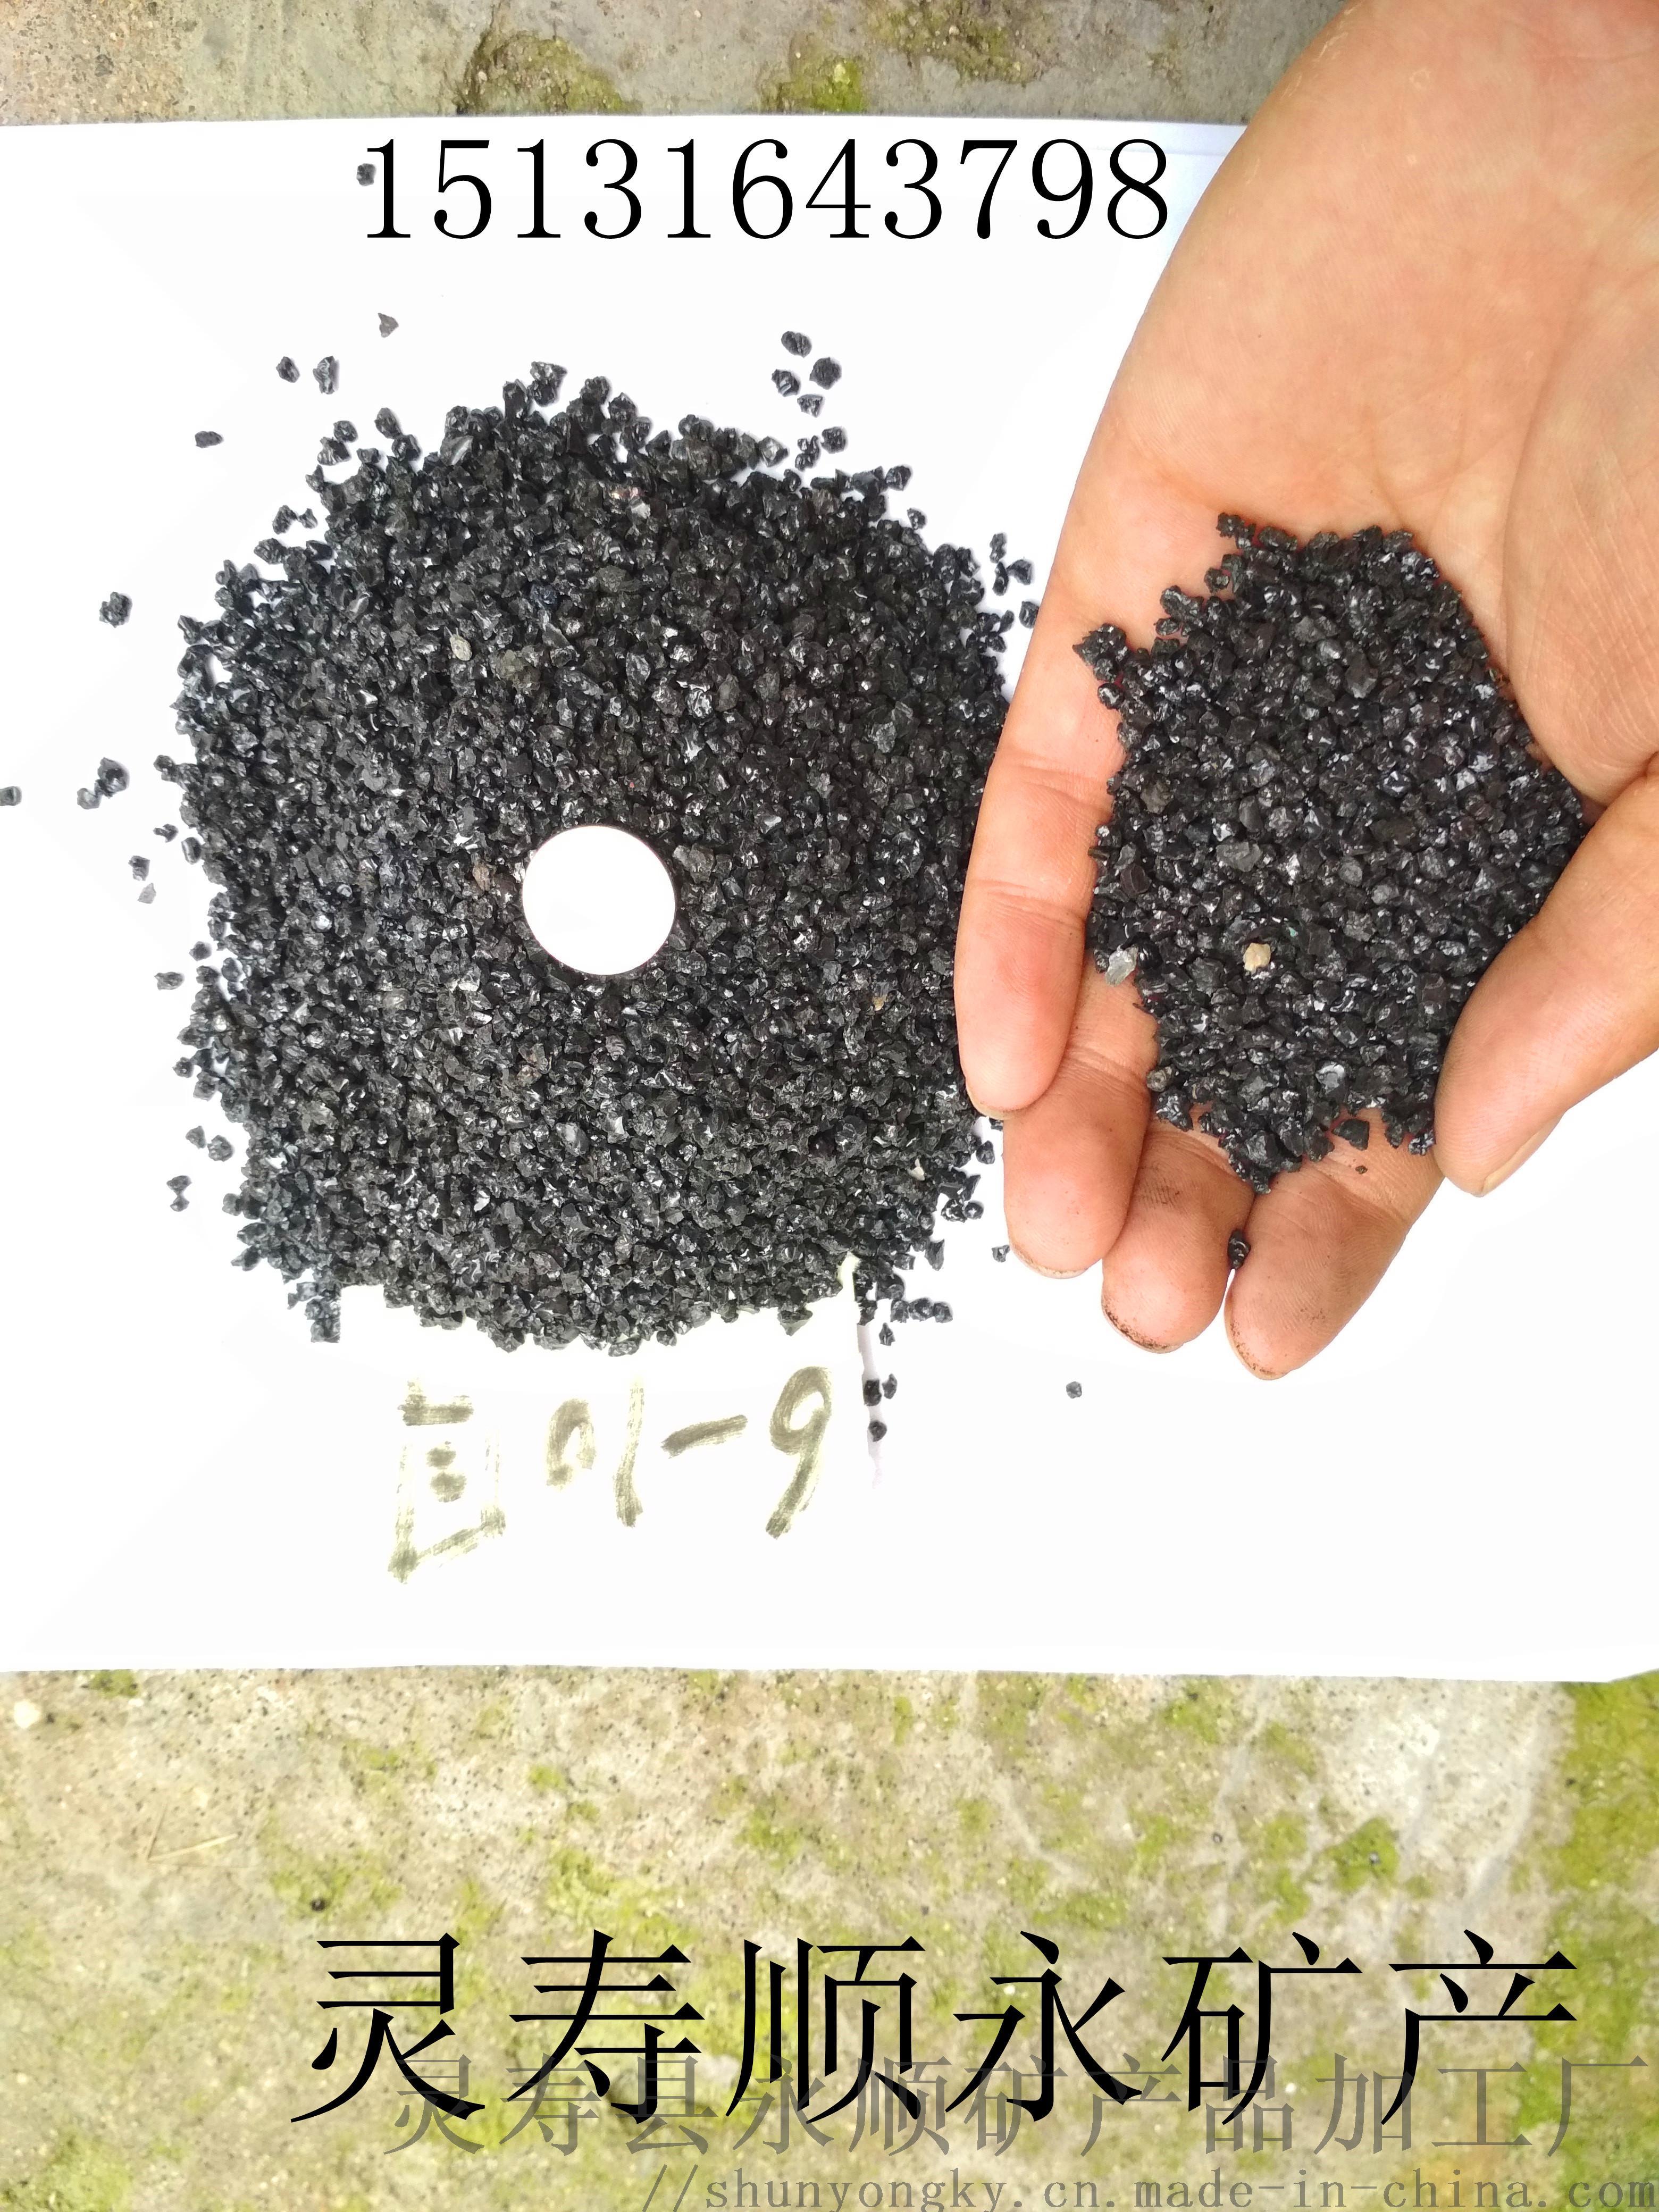 大同亮黑沙子   永顺除锈金刚砂供应